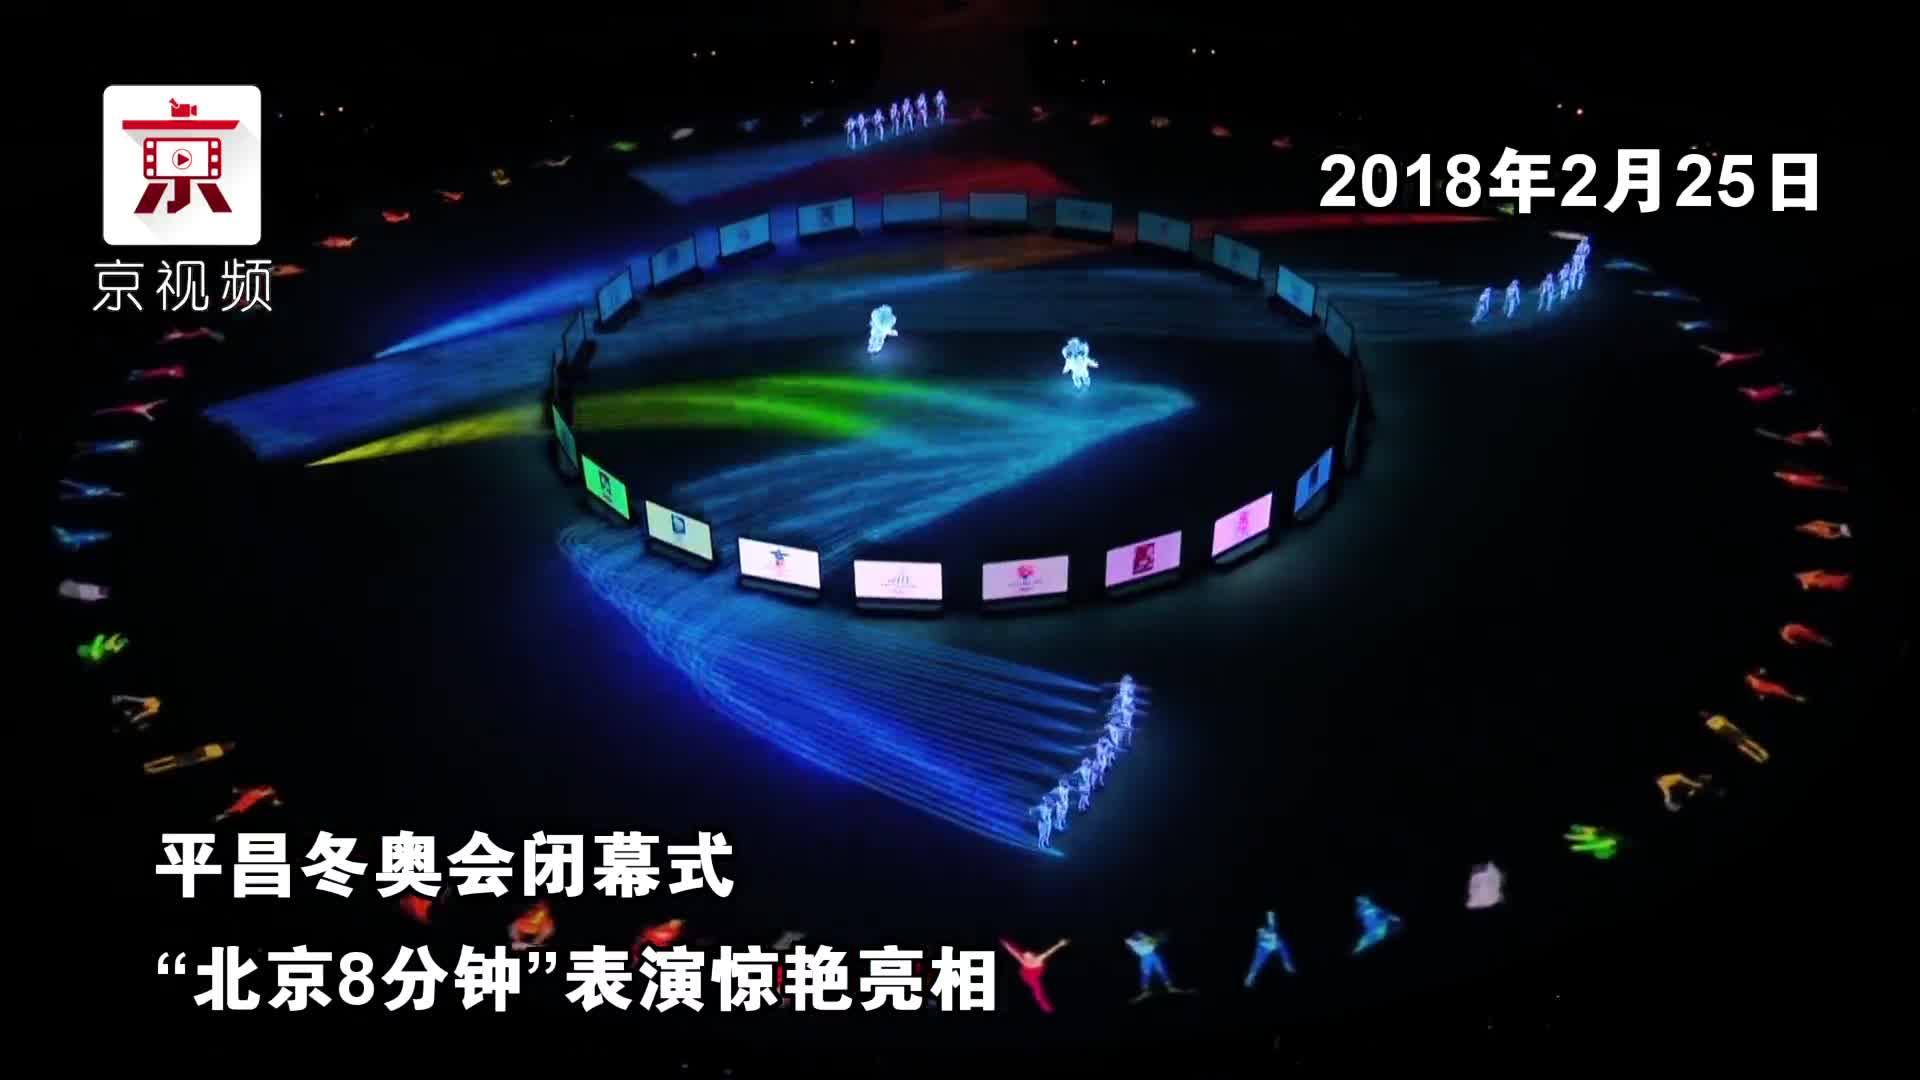 北京冬奥会筹办五周年!五年来,我们做了这些事